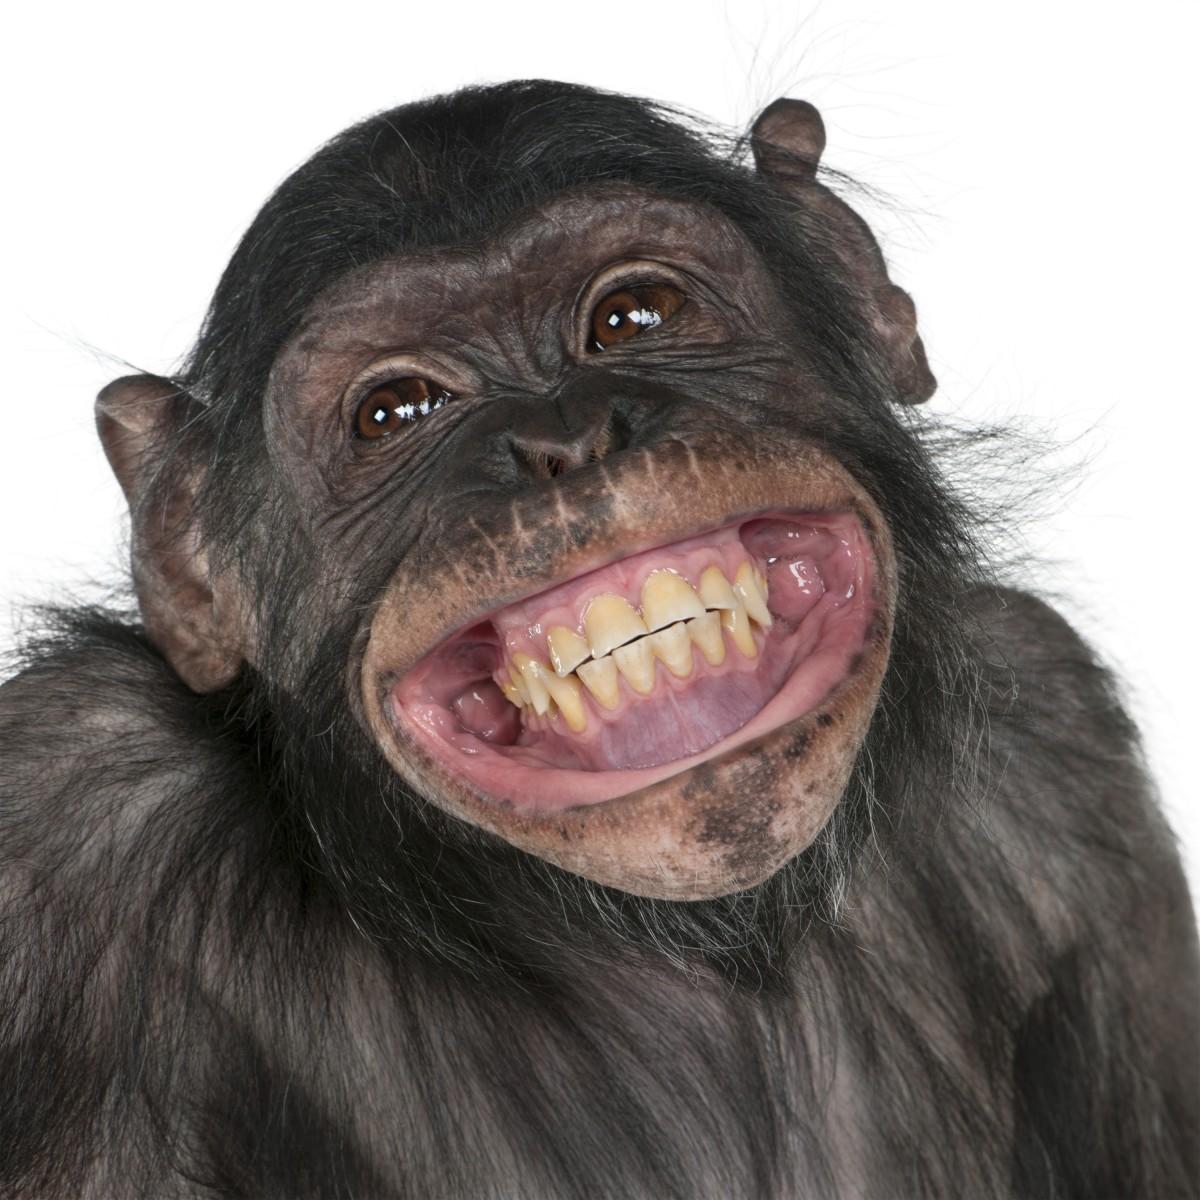 笑顔,動物,笑い顔,画像,まとめ011